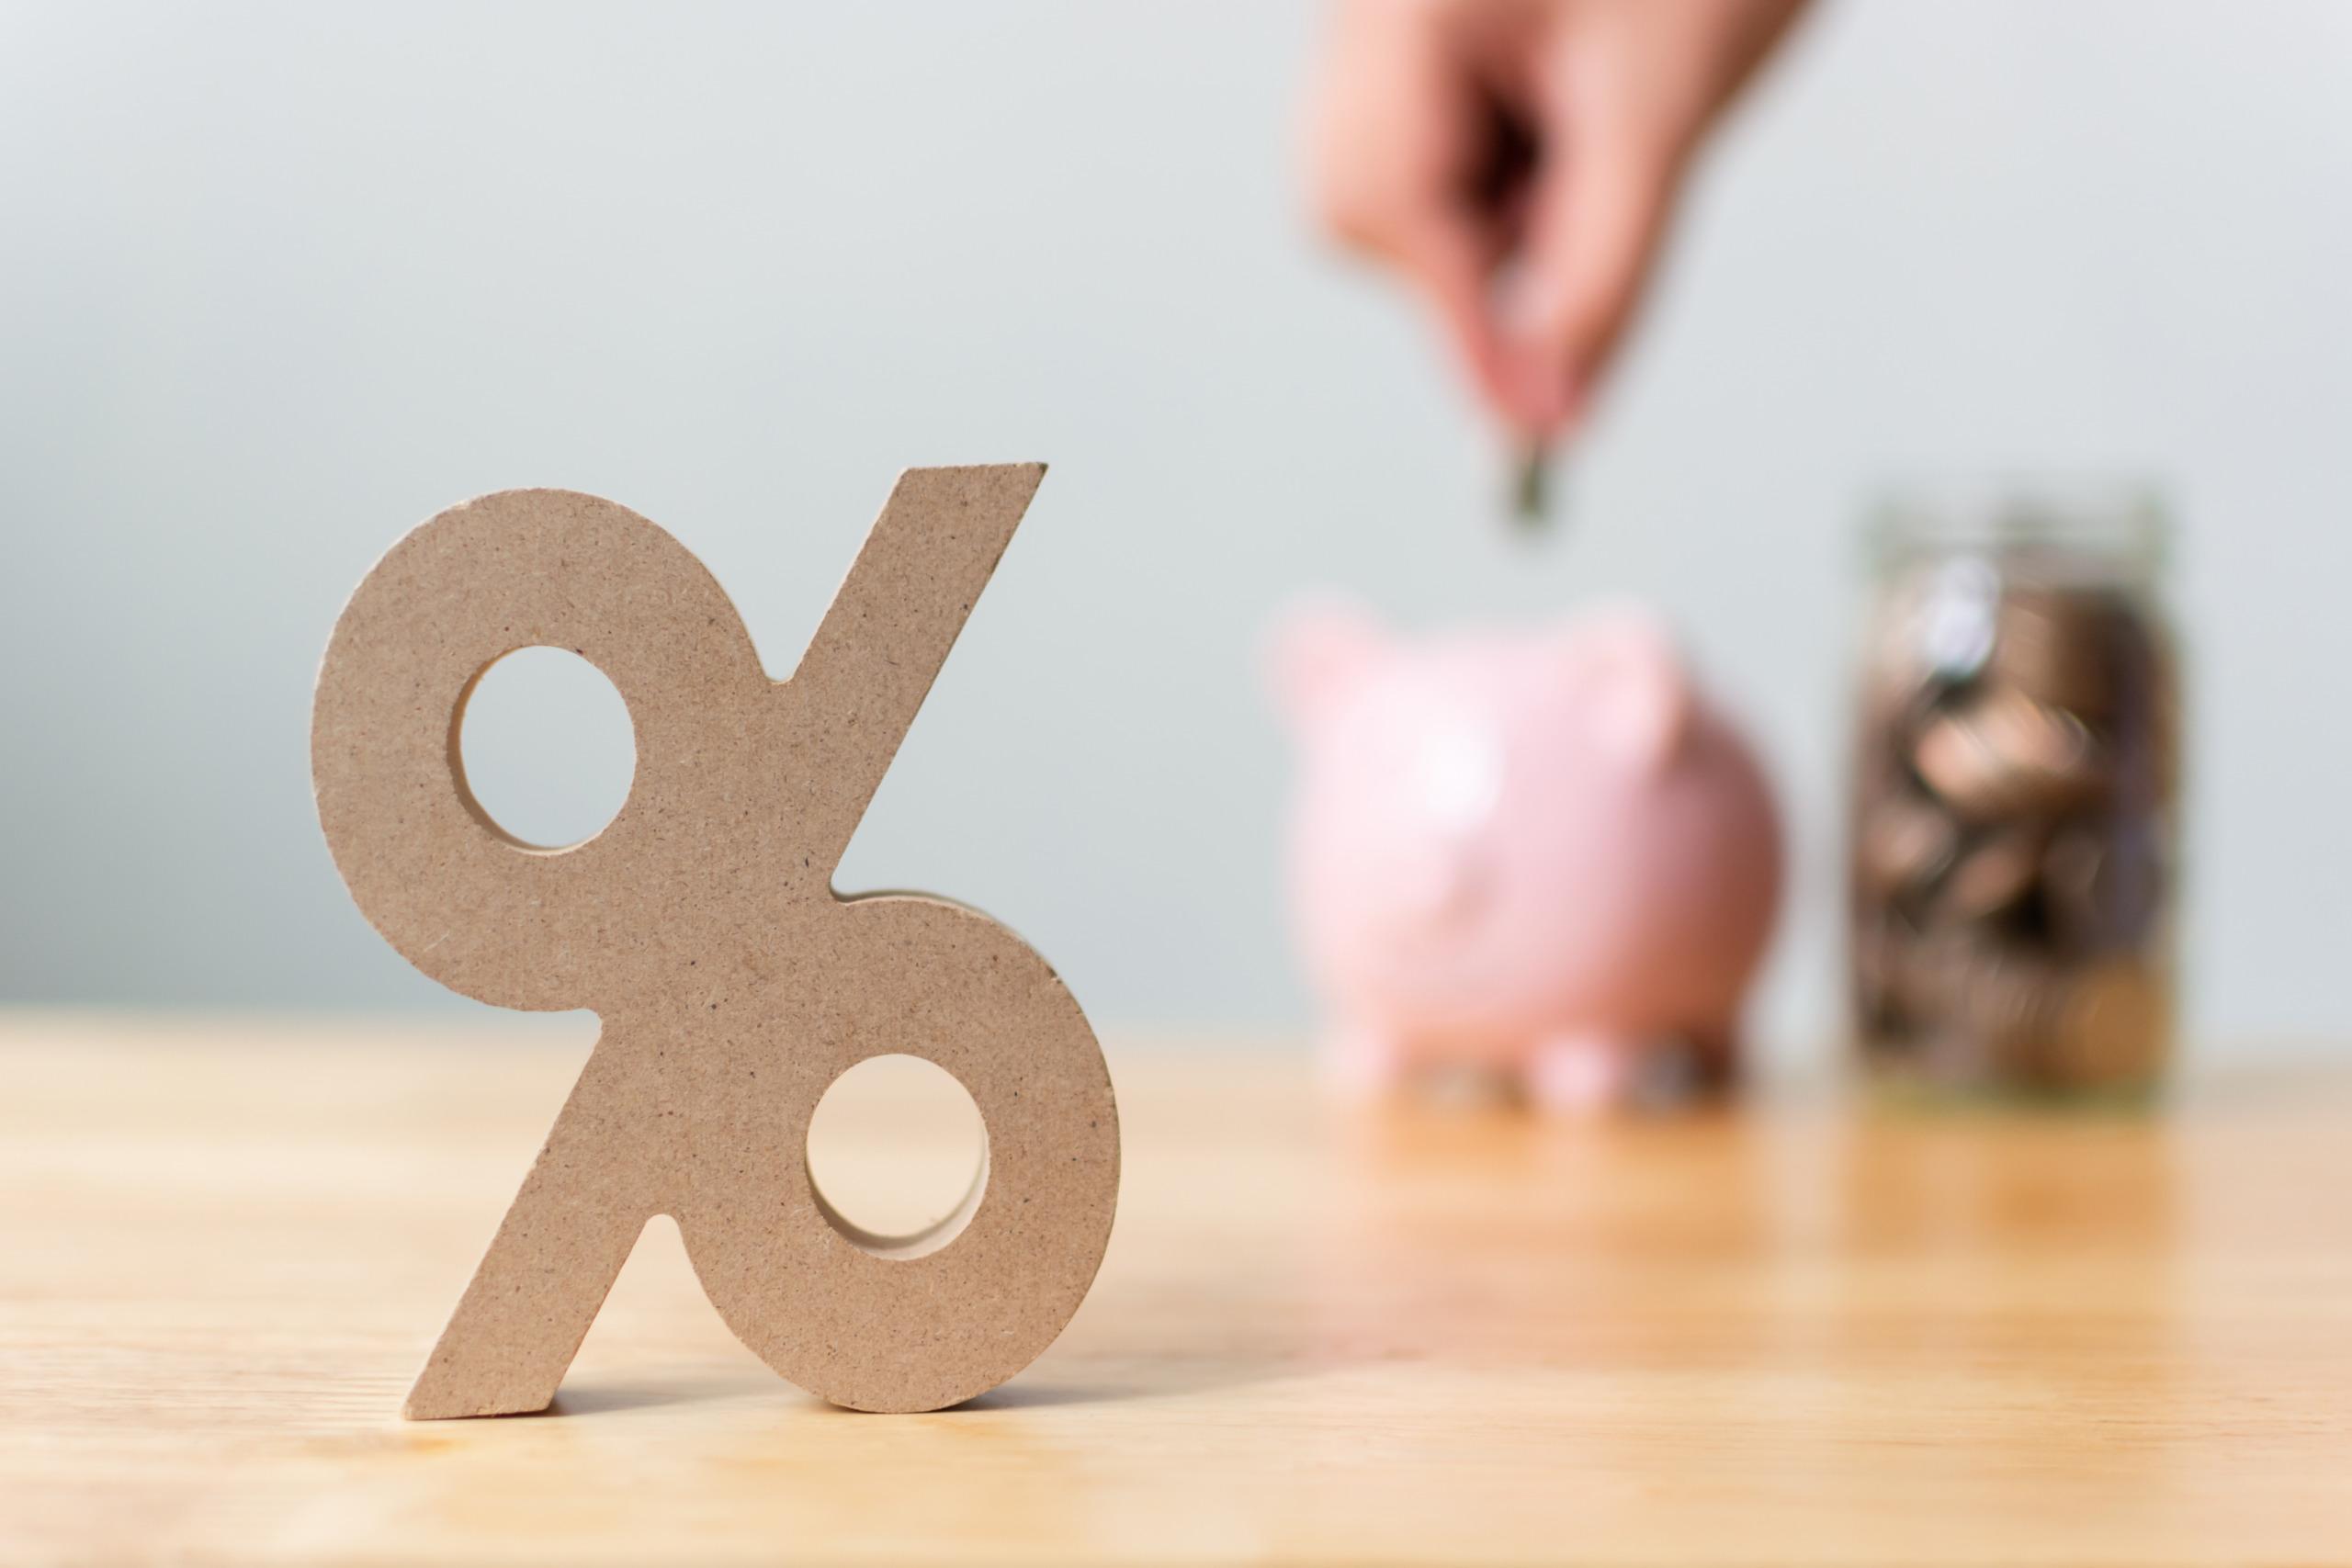 Skulptur in Form eines Prozentzeichens, im Hintergrund Hand, die Kleingeld in ein Sparschwein einzahlt.